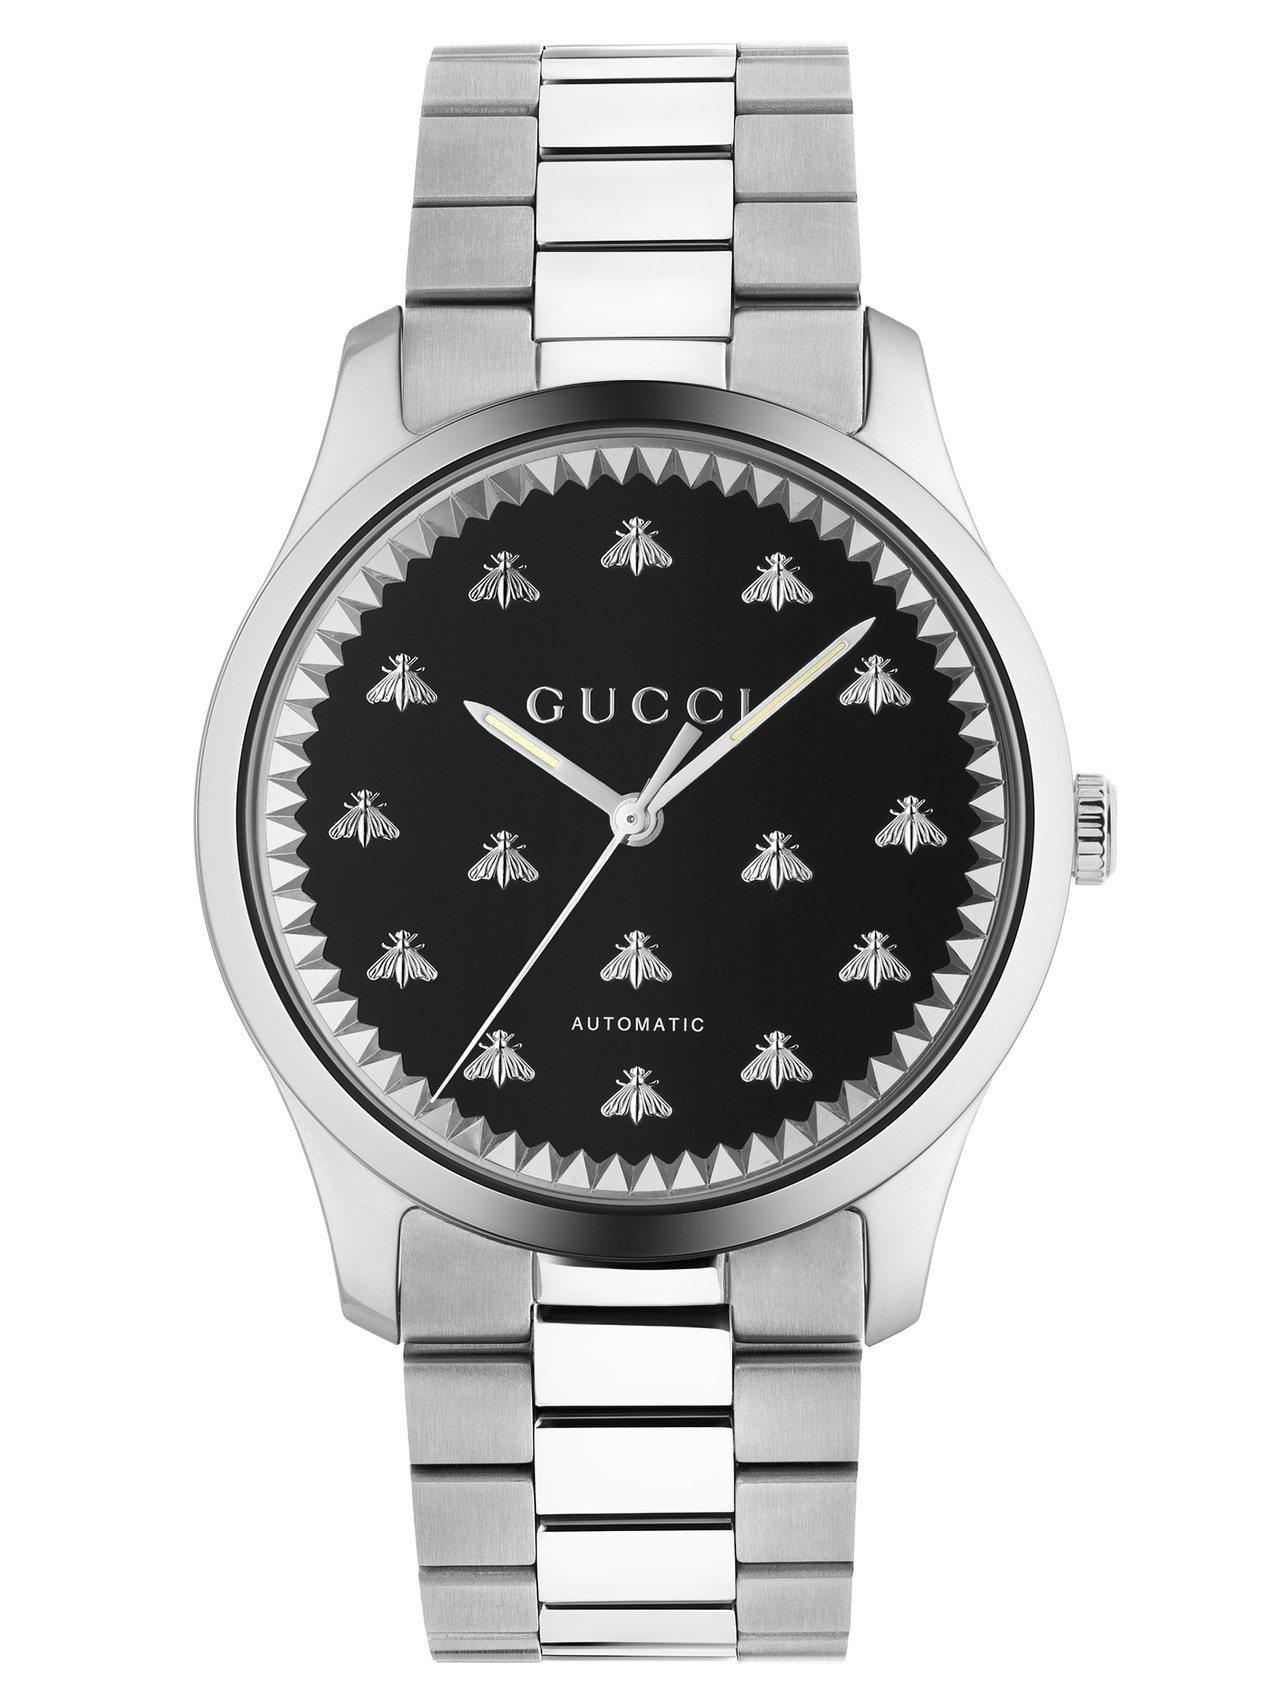 G-Timeless 42毫米自動上鍊腕表,不鏽鋼表殼、黑色瑪瑙石及銀色蜜蜂裝飾...